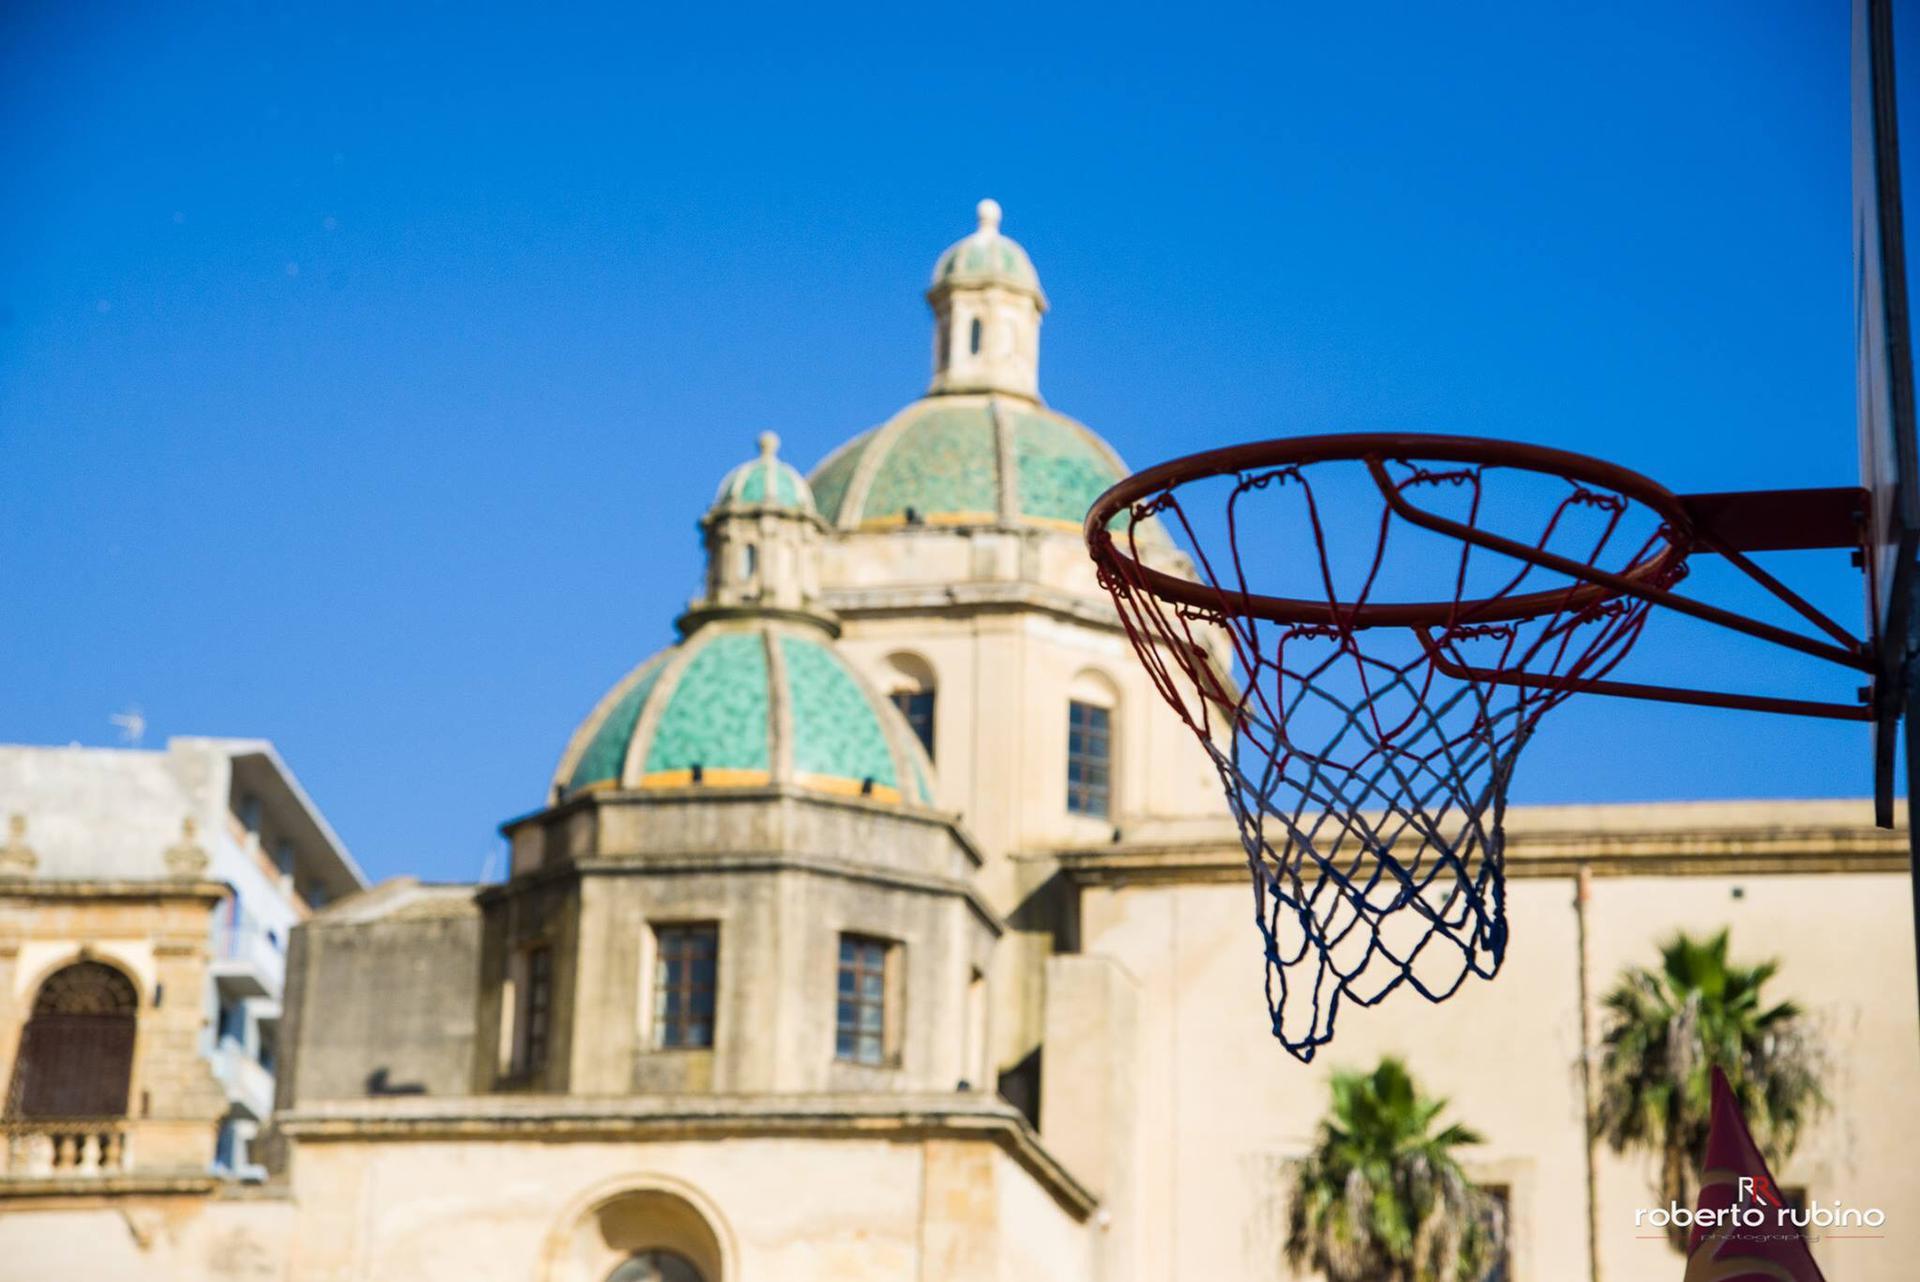 Mazara. Domenica 2 giugno, in Piazza della Repubblica, si svolgerà la festa del Minibasket della Provincia di Trapani